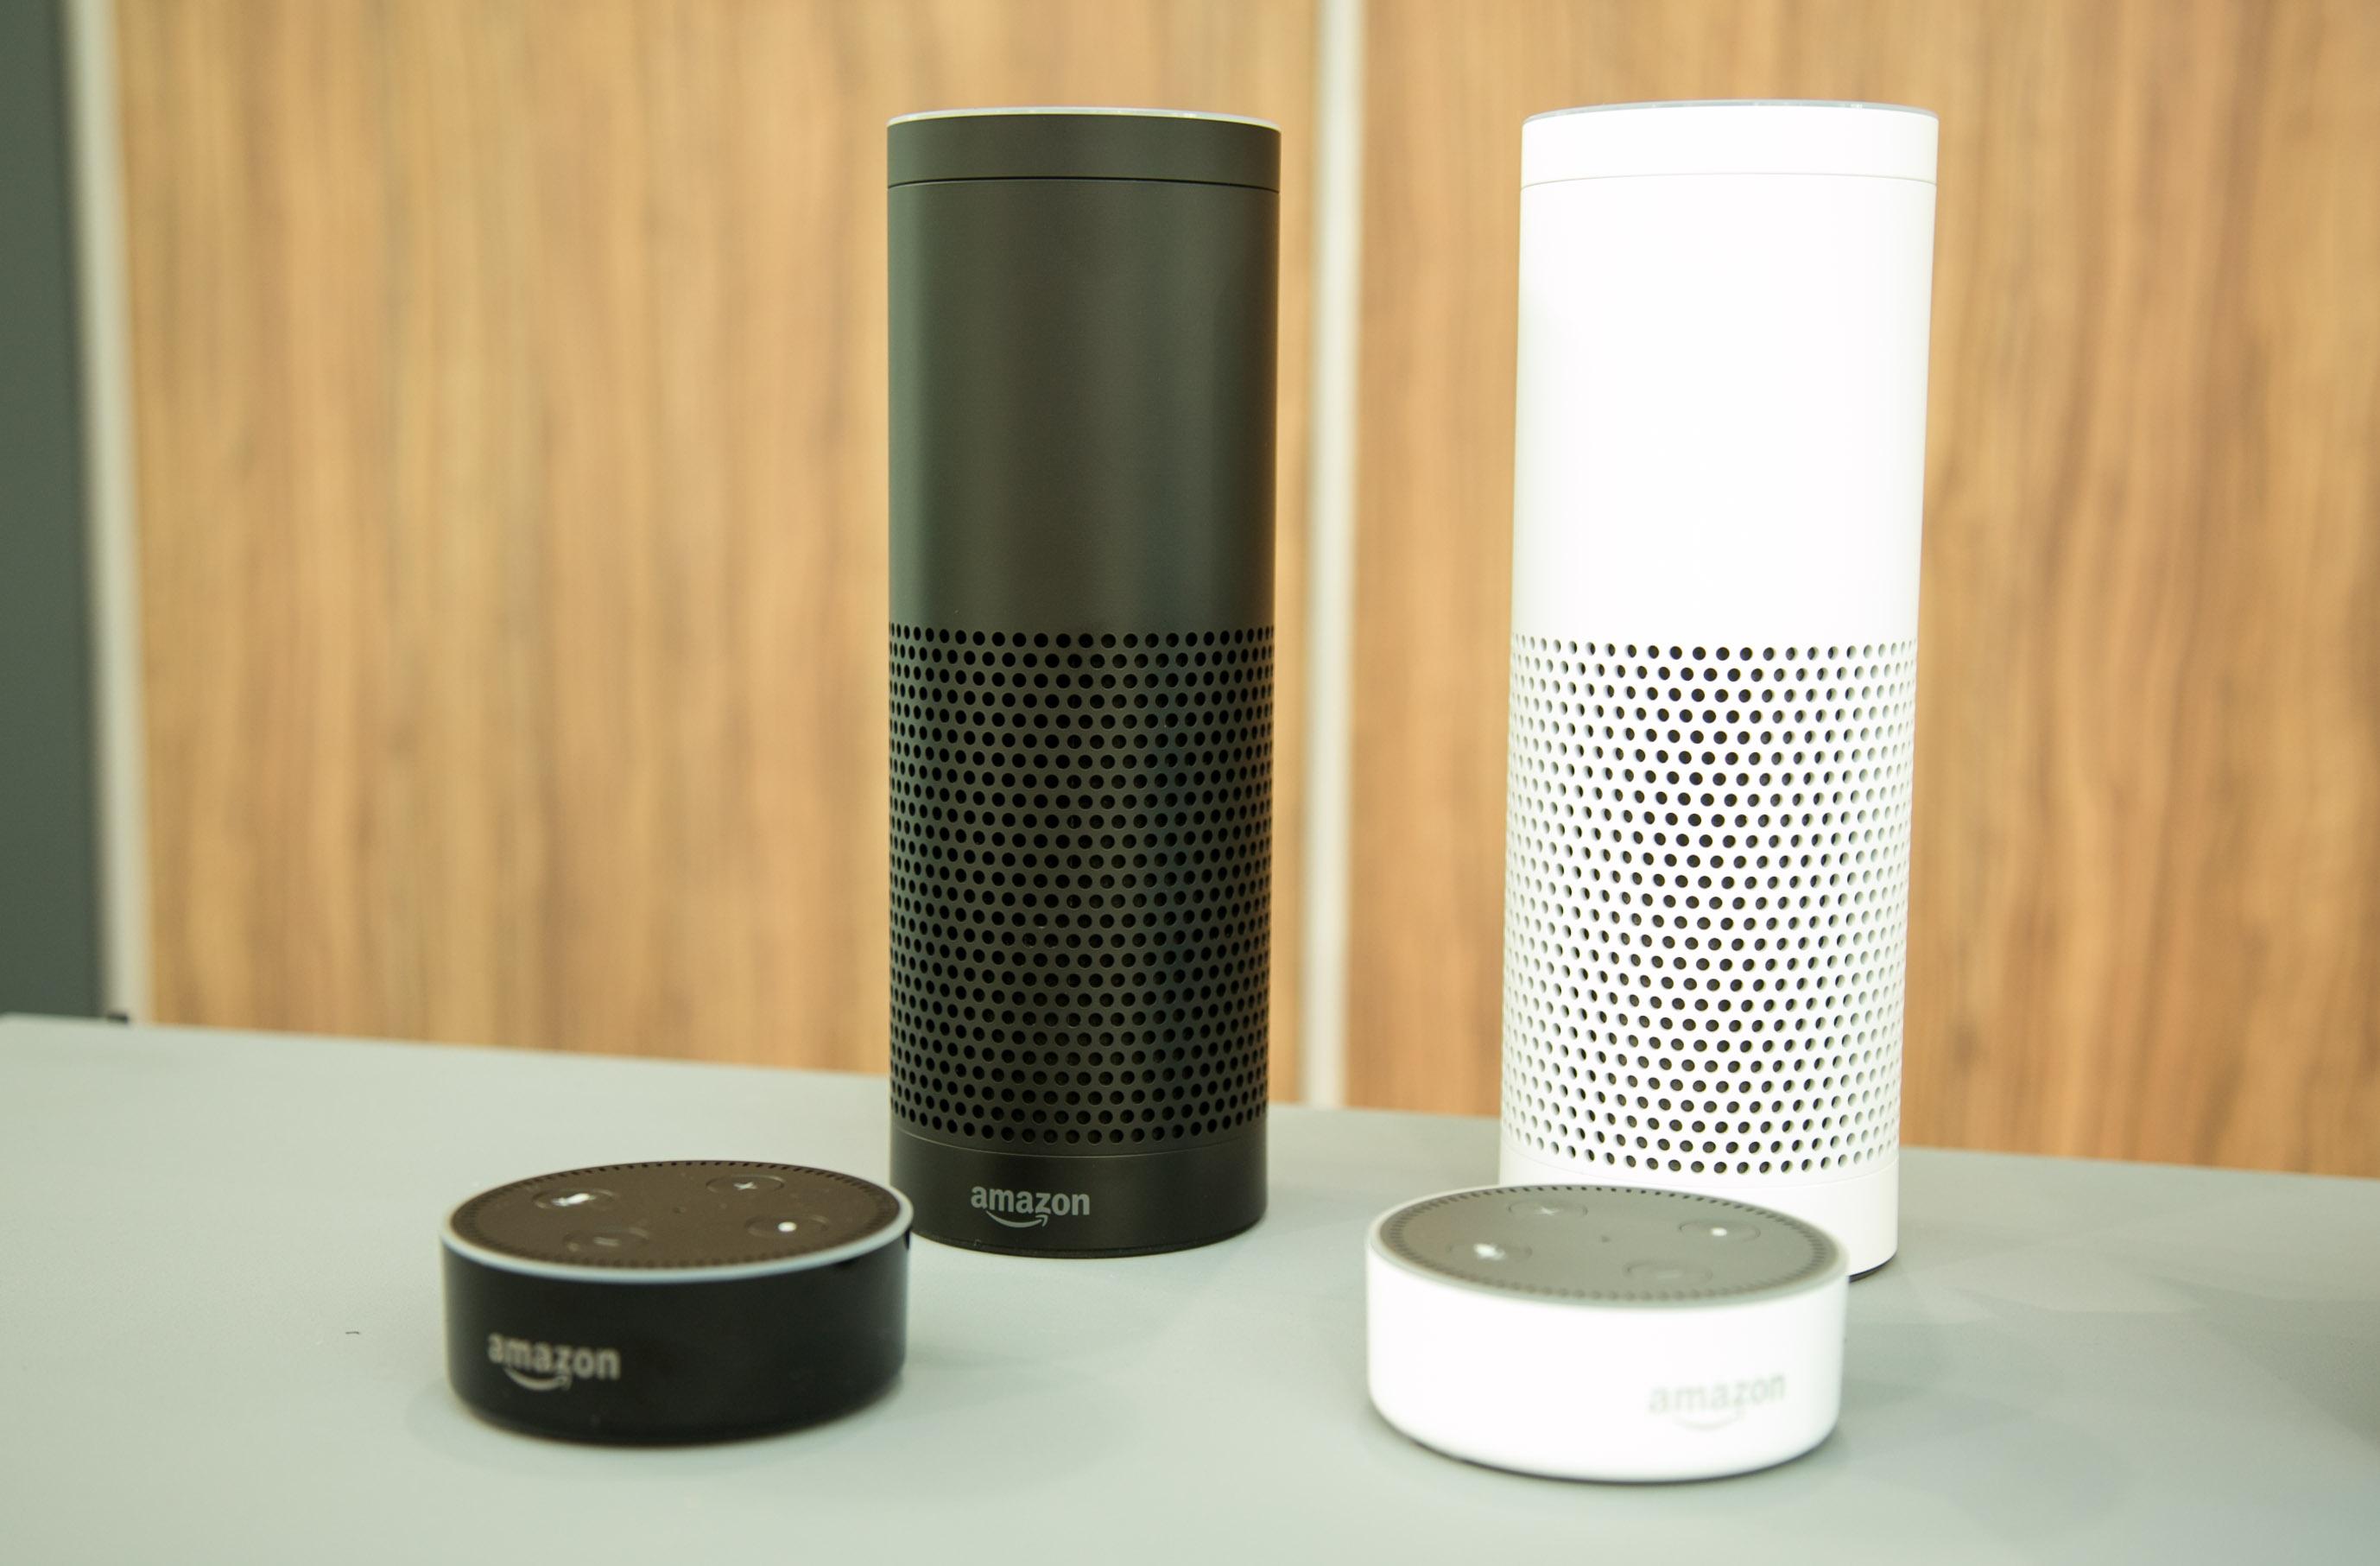 Echo und Echo Dot im Hands on: Amazons Alexa klingt auf Deutsch schon sehr gut - Echo und Echo Dot in zwei Farben (Bild: Amazon)